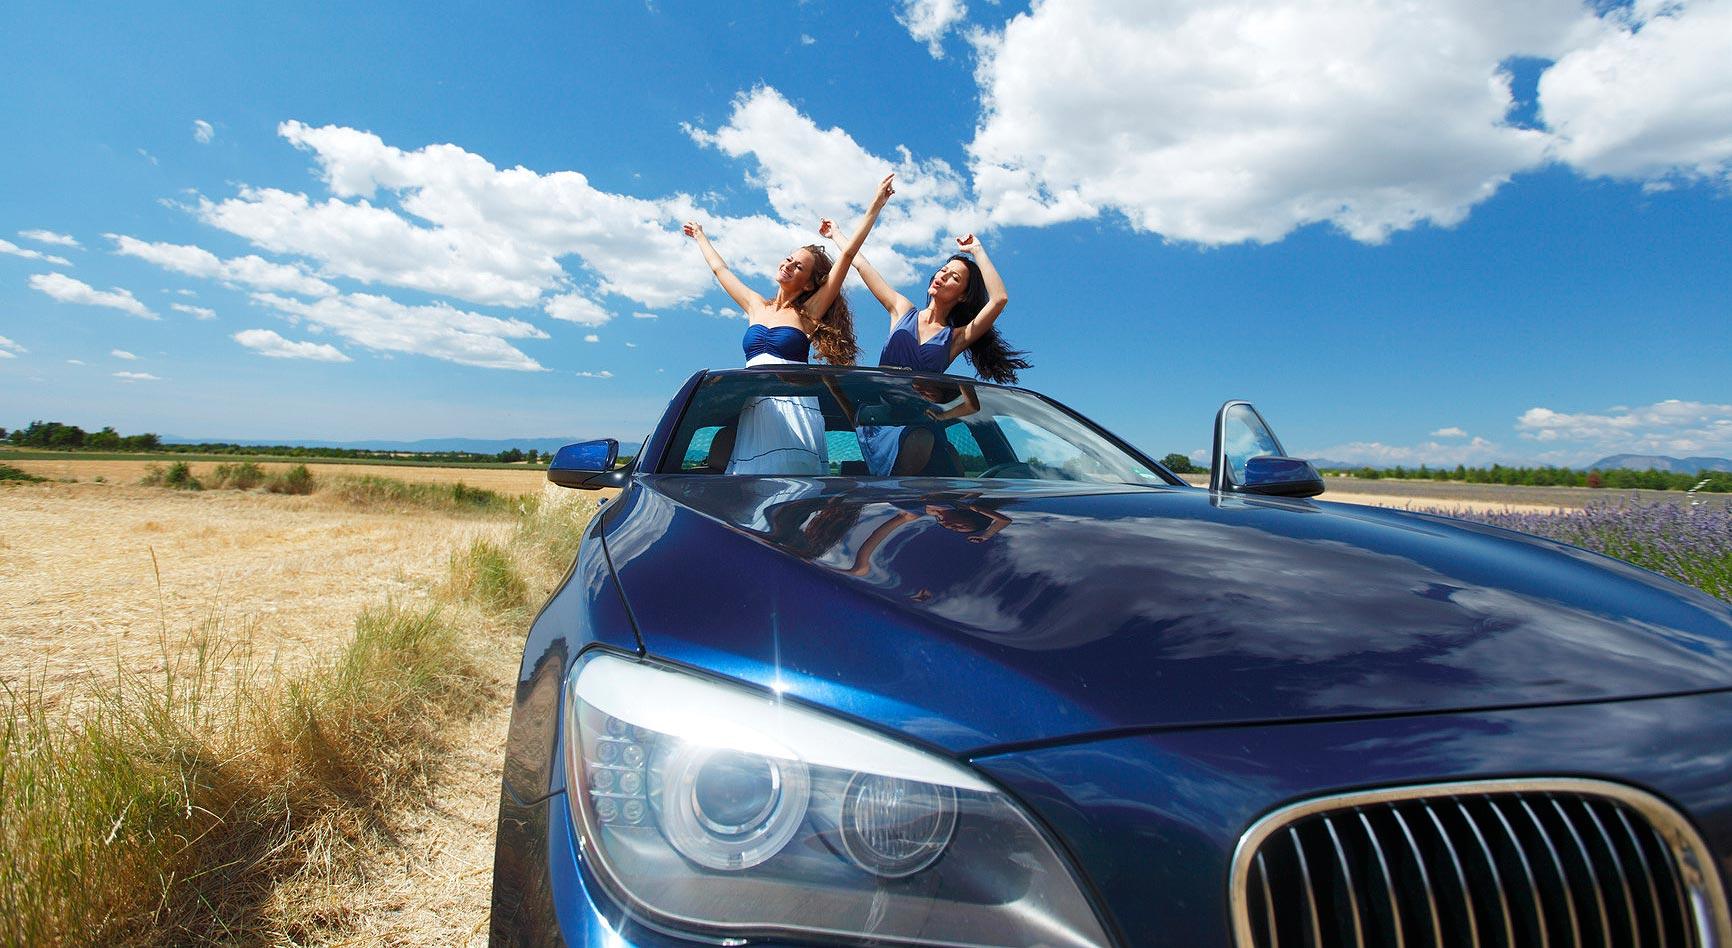 women dance in car